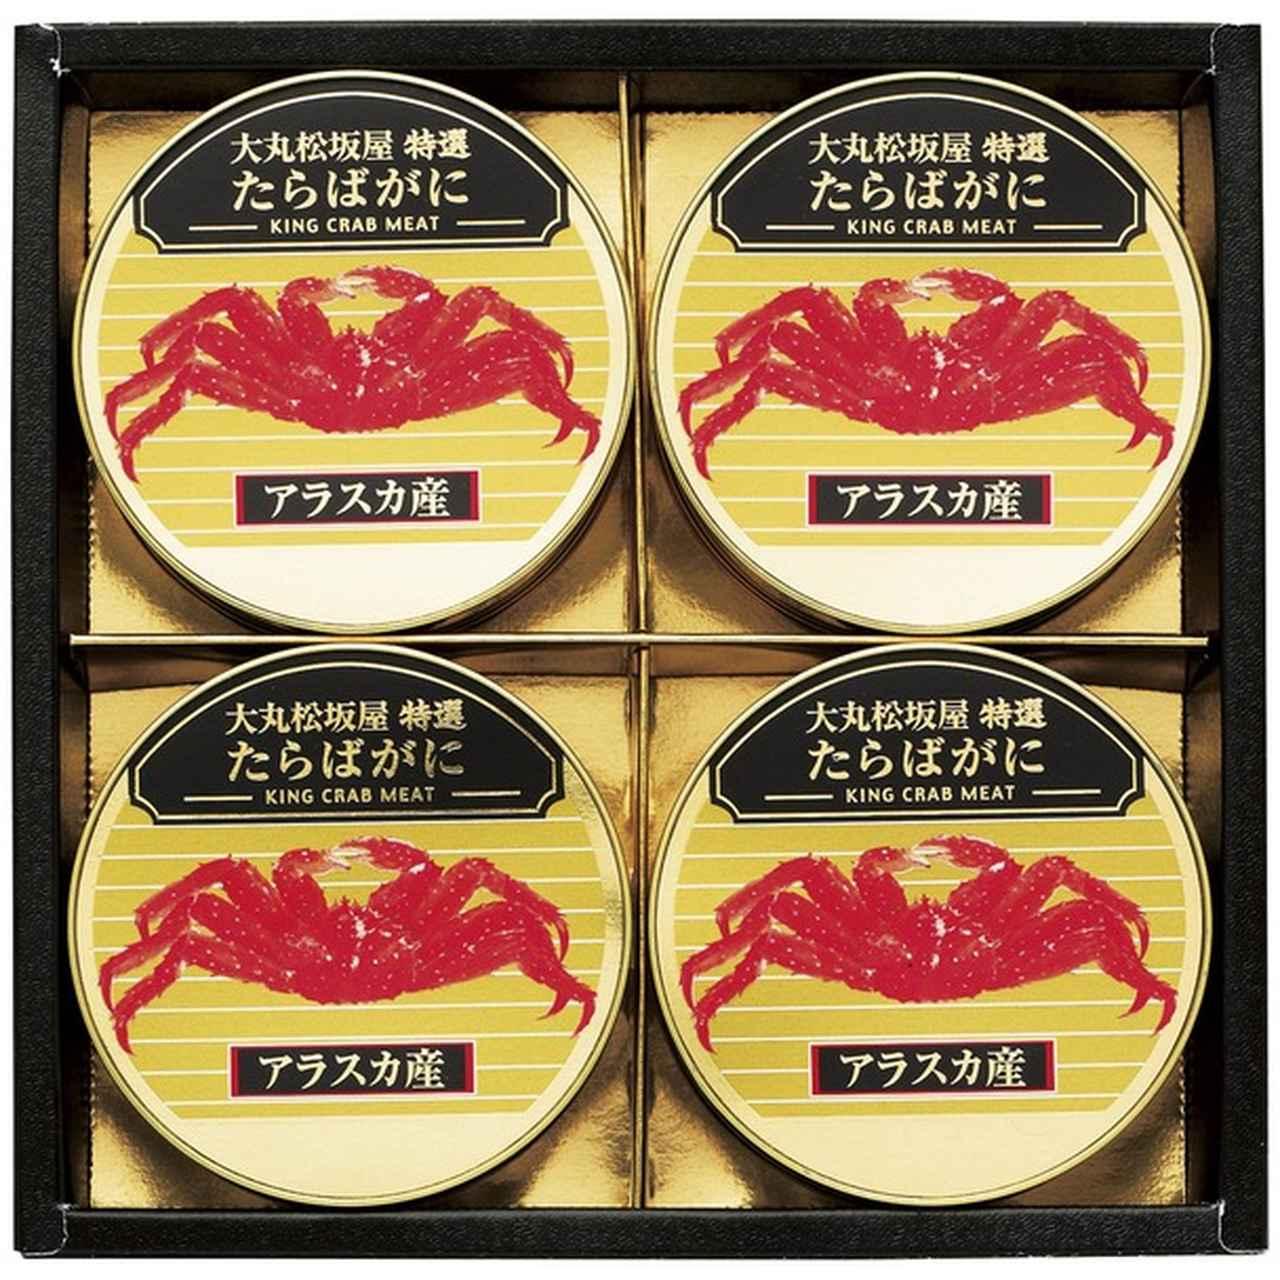 画像: アラスカ産たらばがに缶詰詰合せ 大丸松坂屋オンラインショッピング